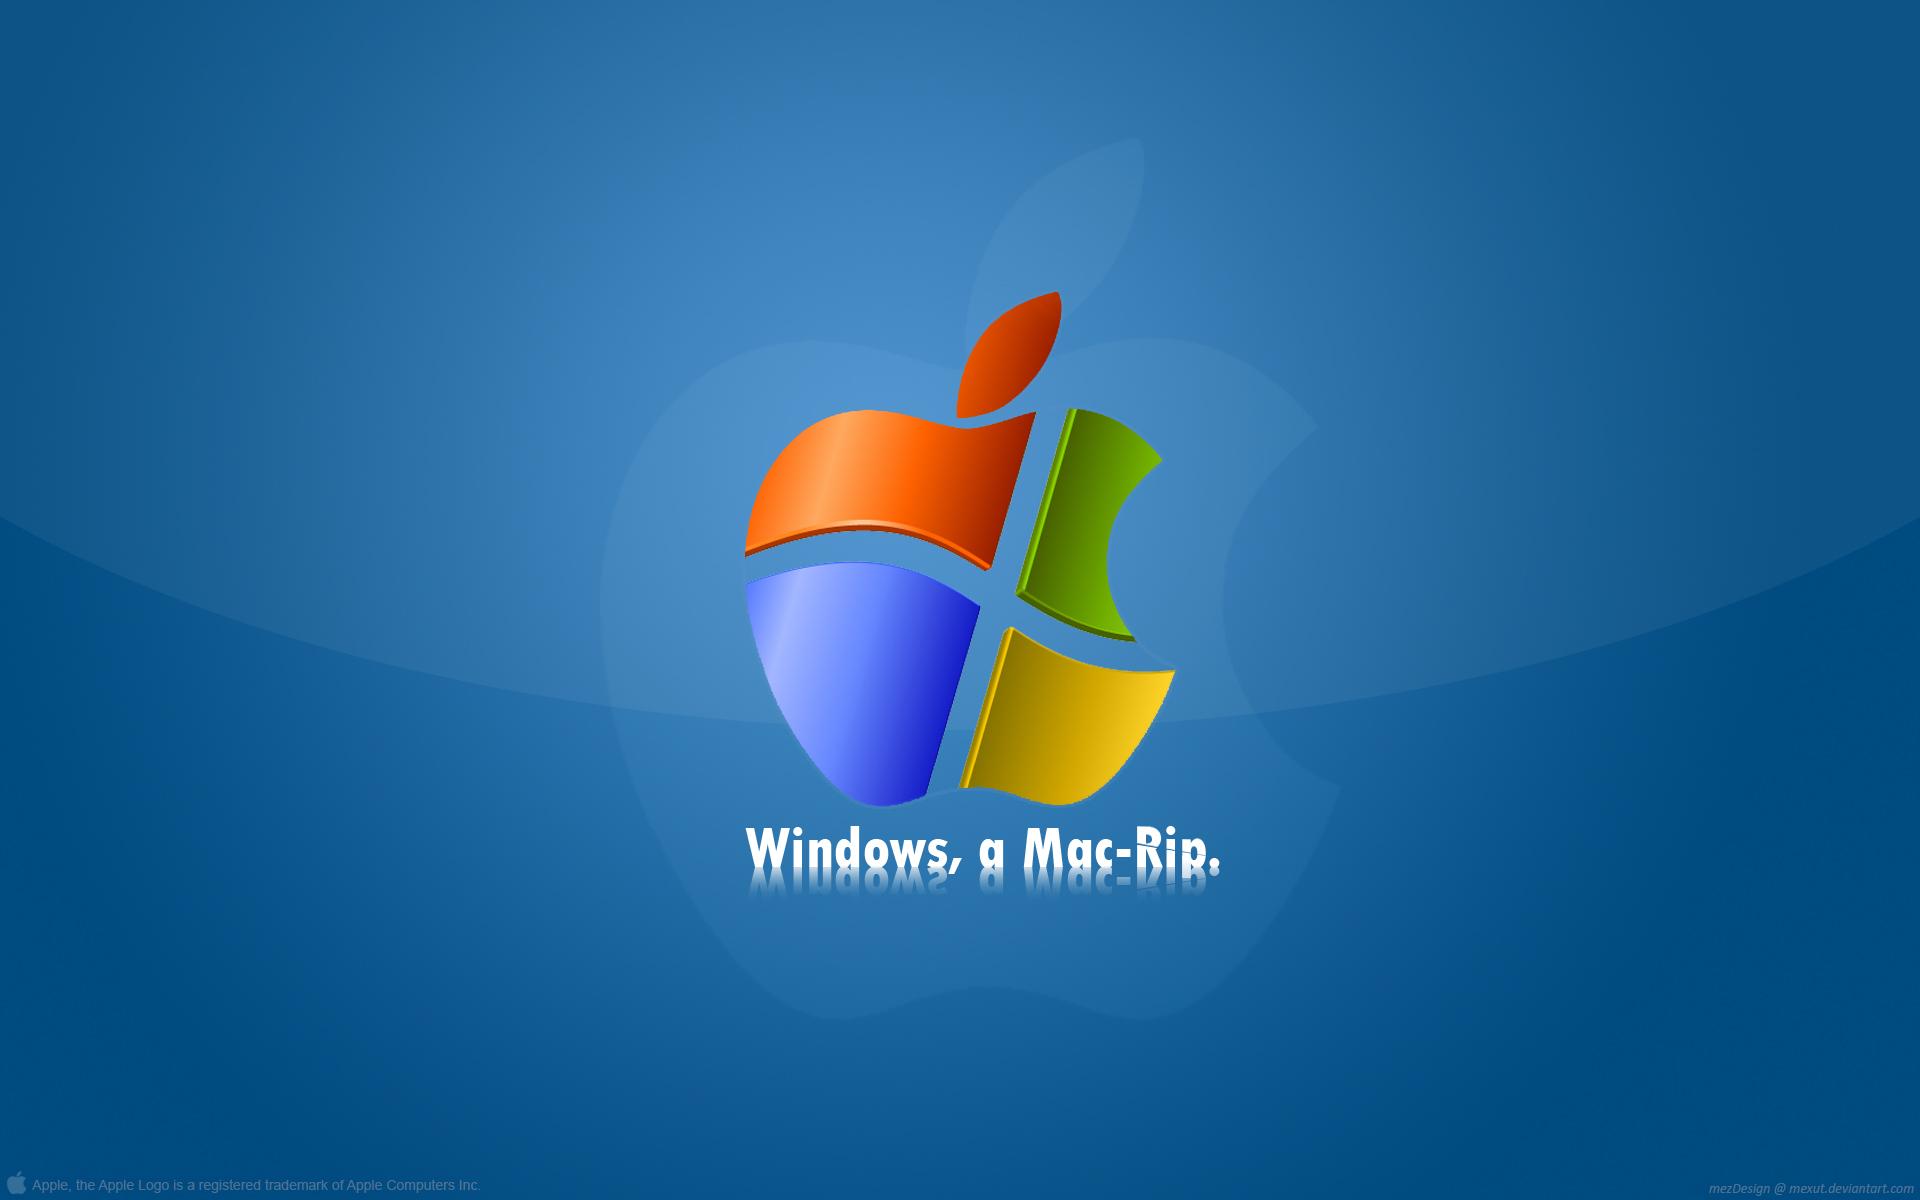 Windows - A Mac-Rip.